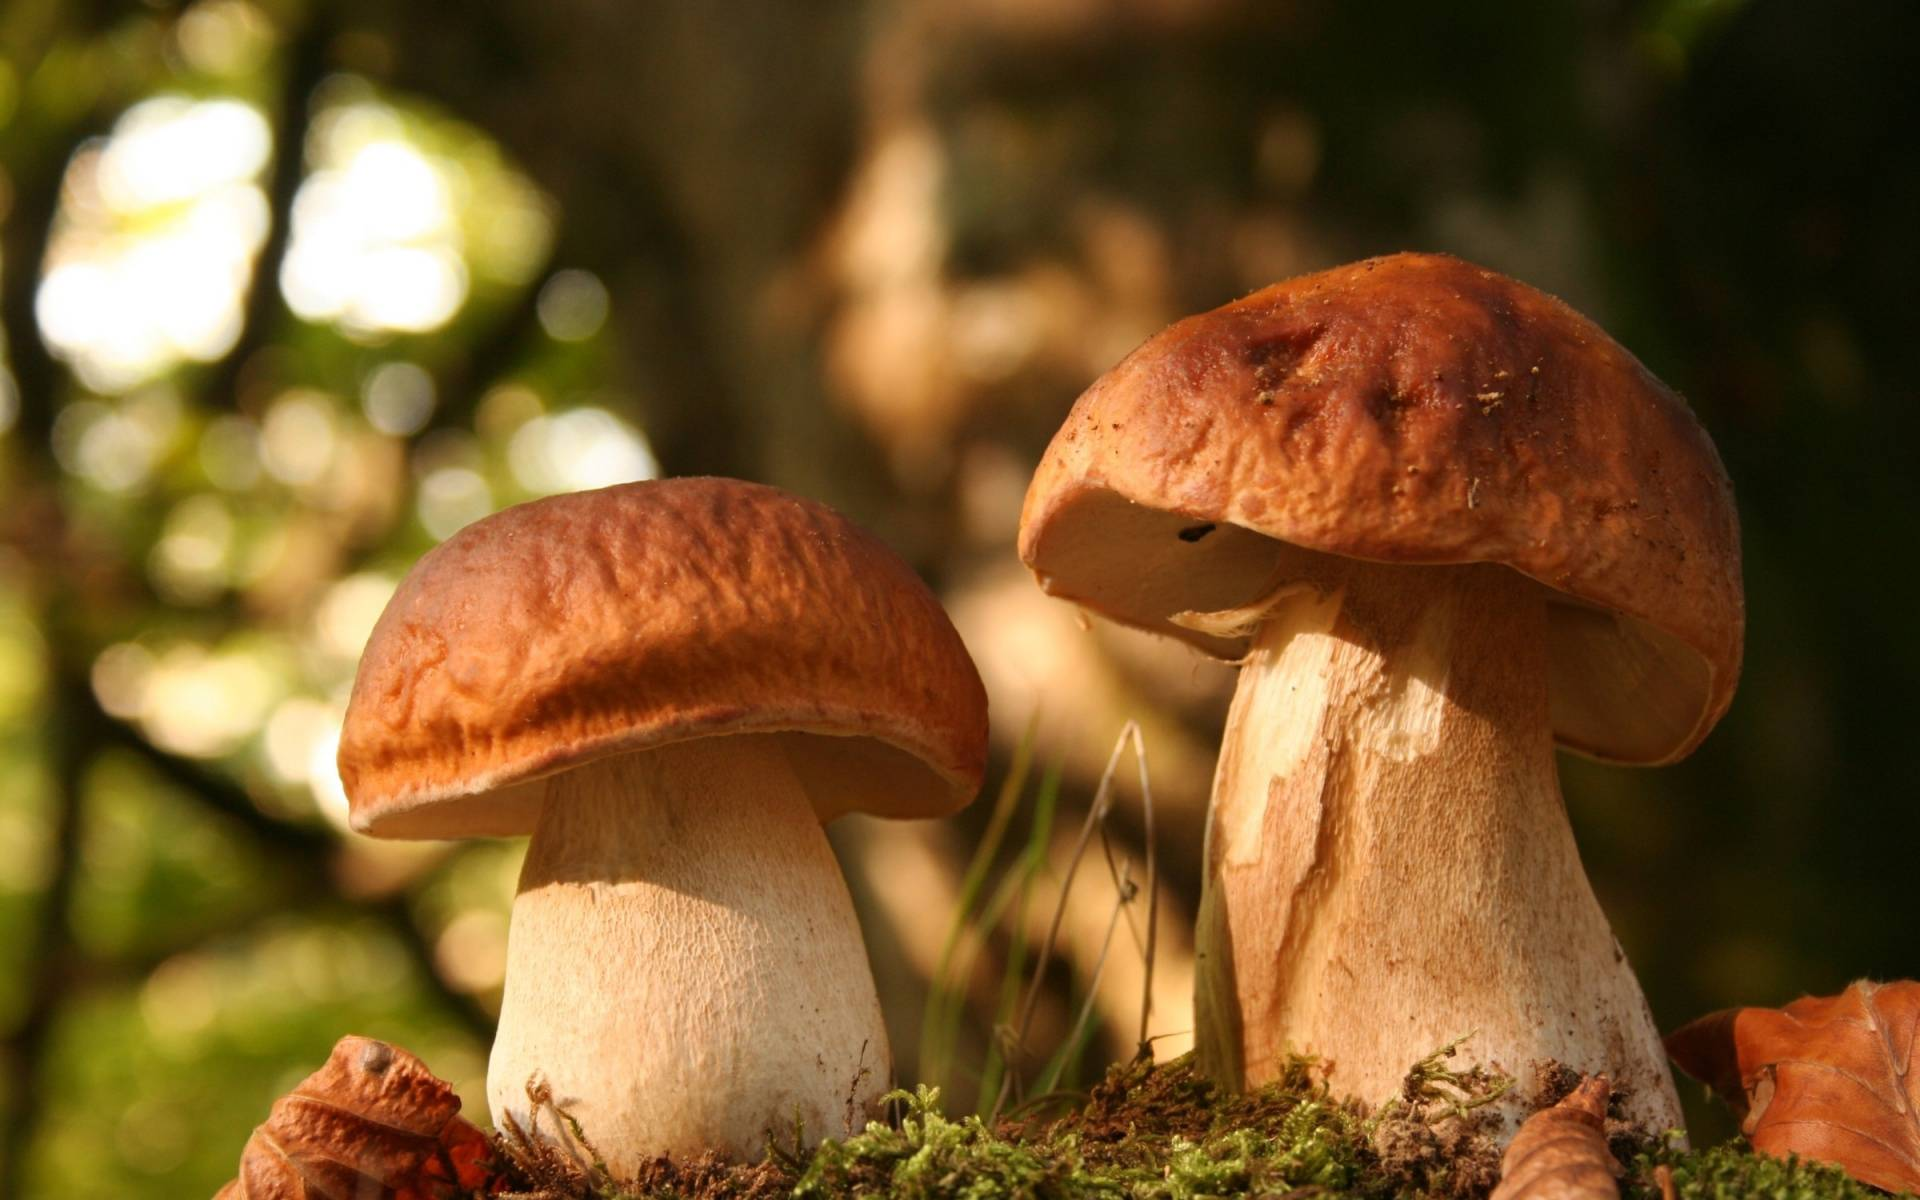 Обои на рабочий стол осень с грибами